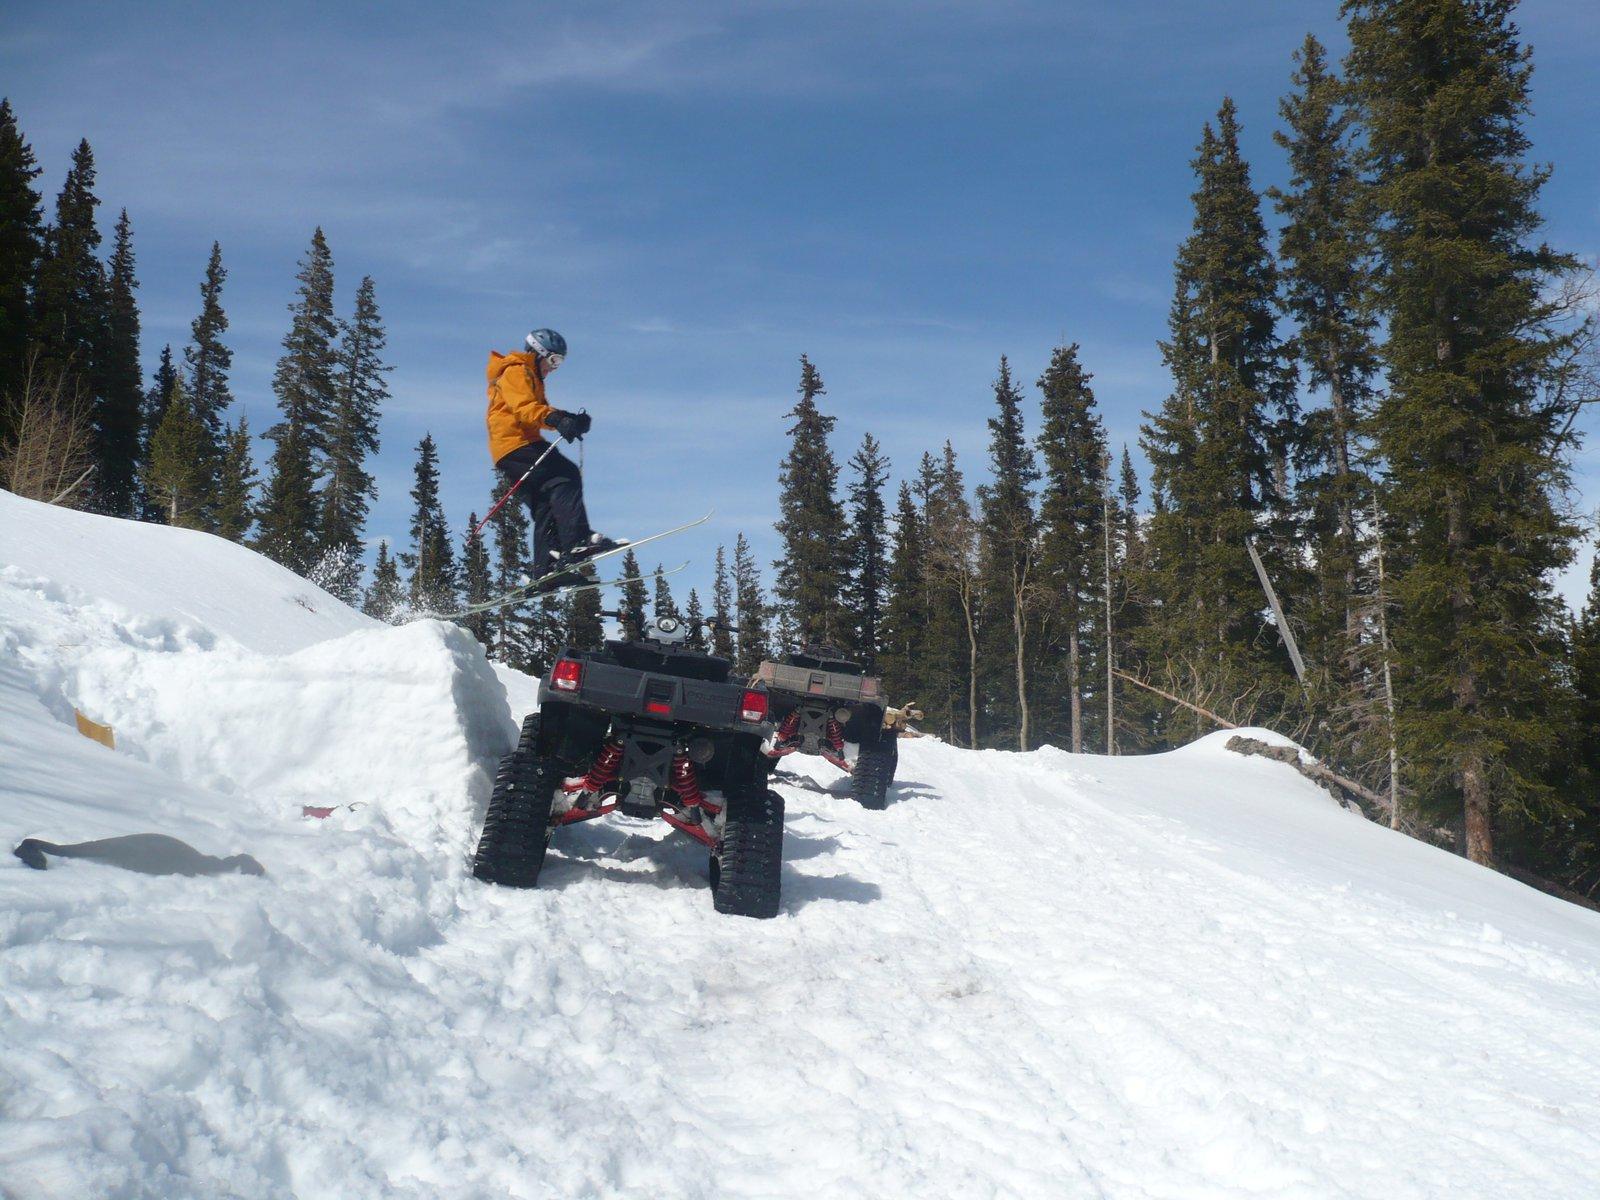 Over the ATV